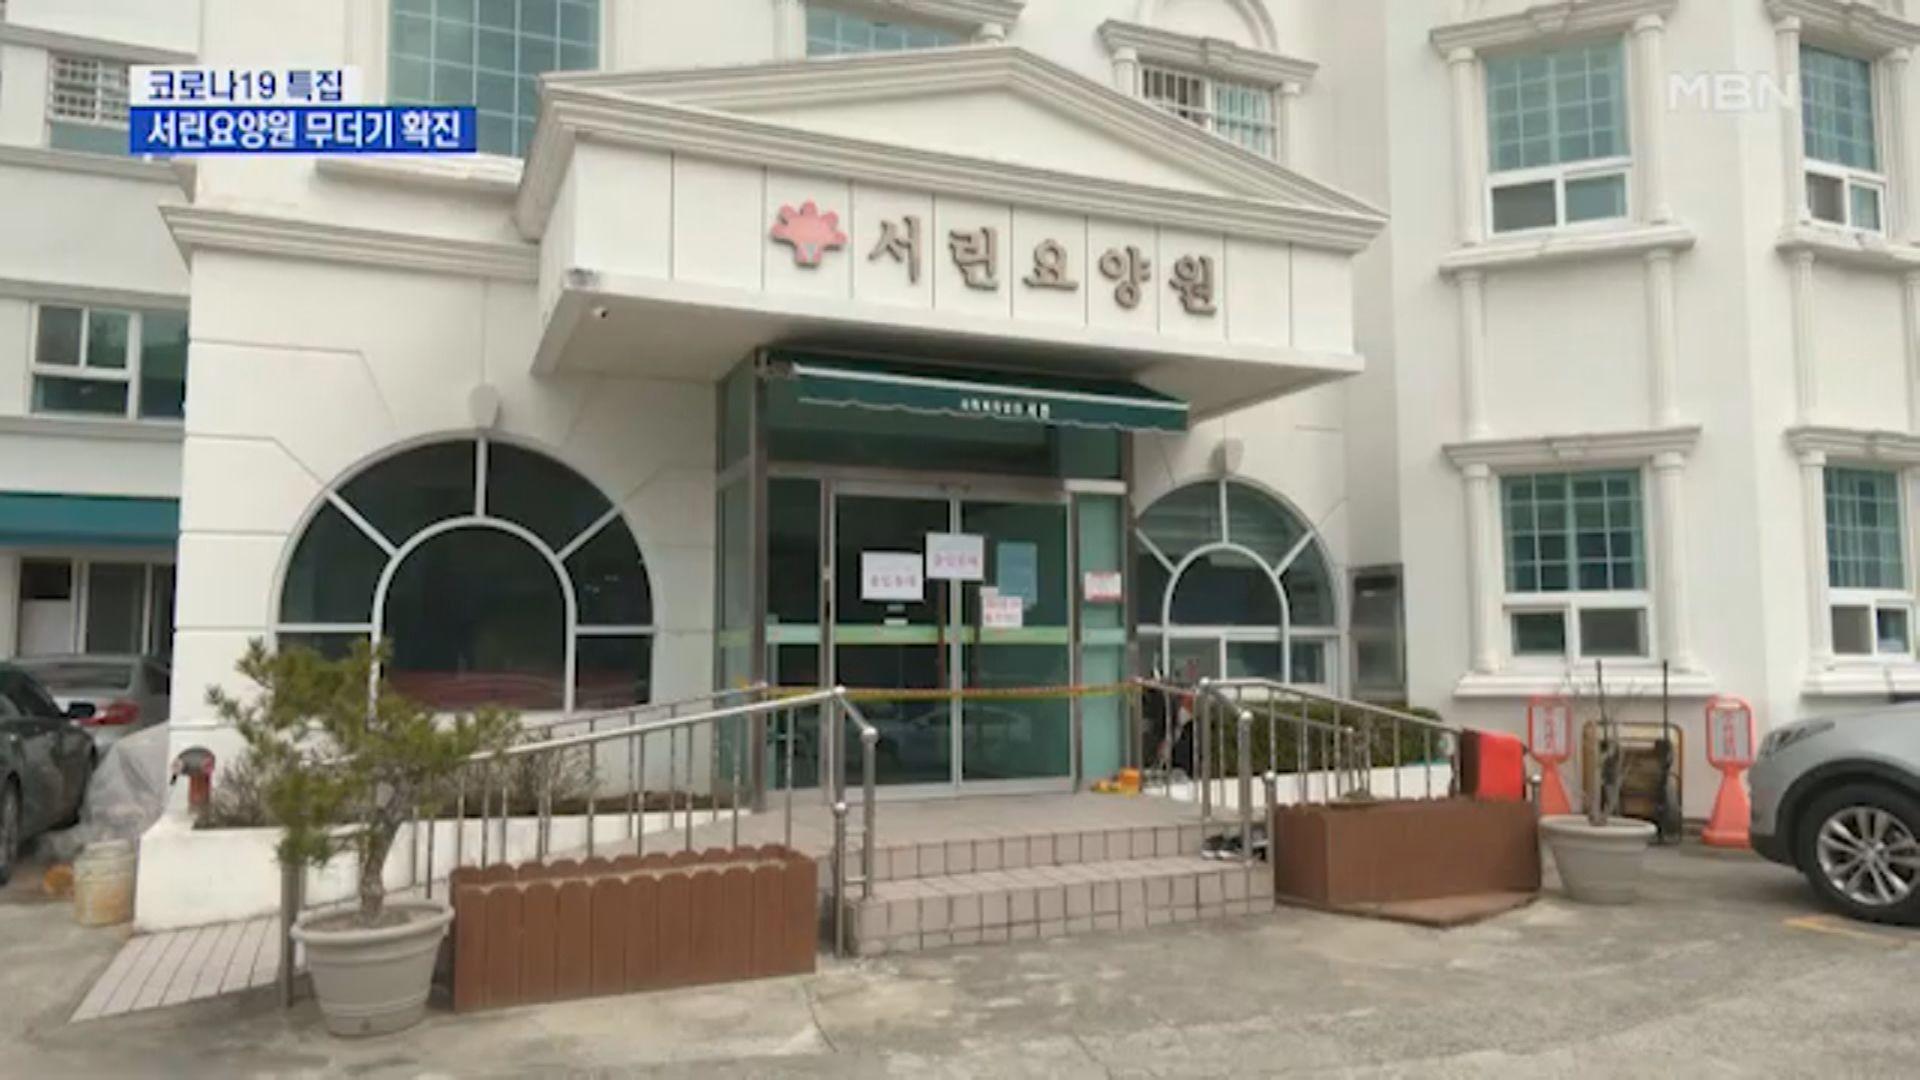 南韓慶北慶山市被列為疫情重點管控區